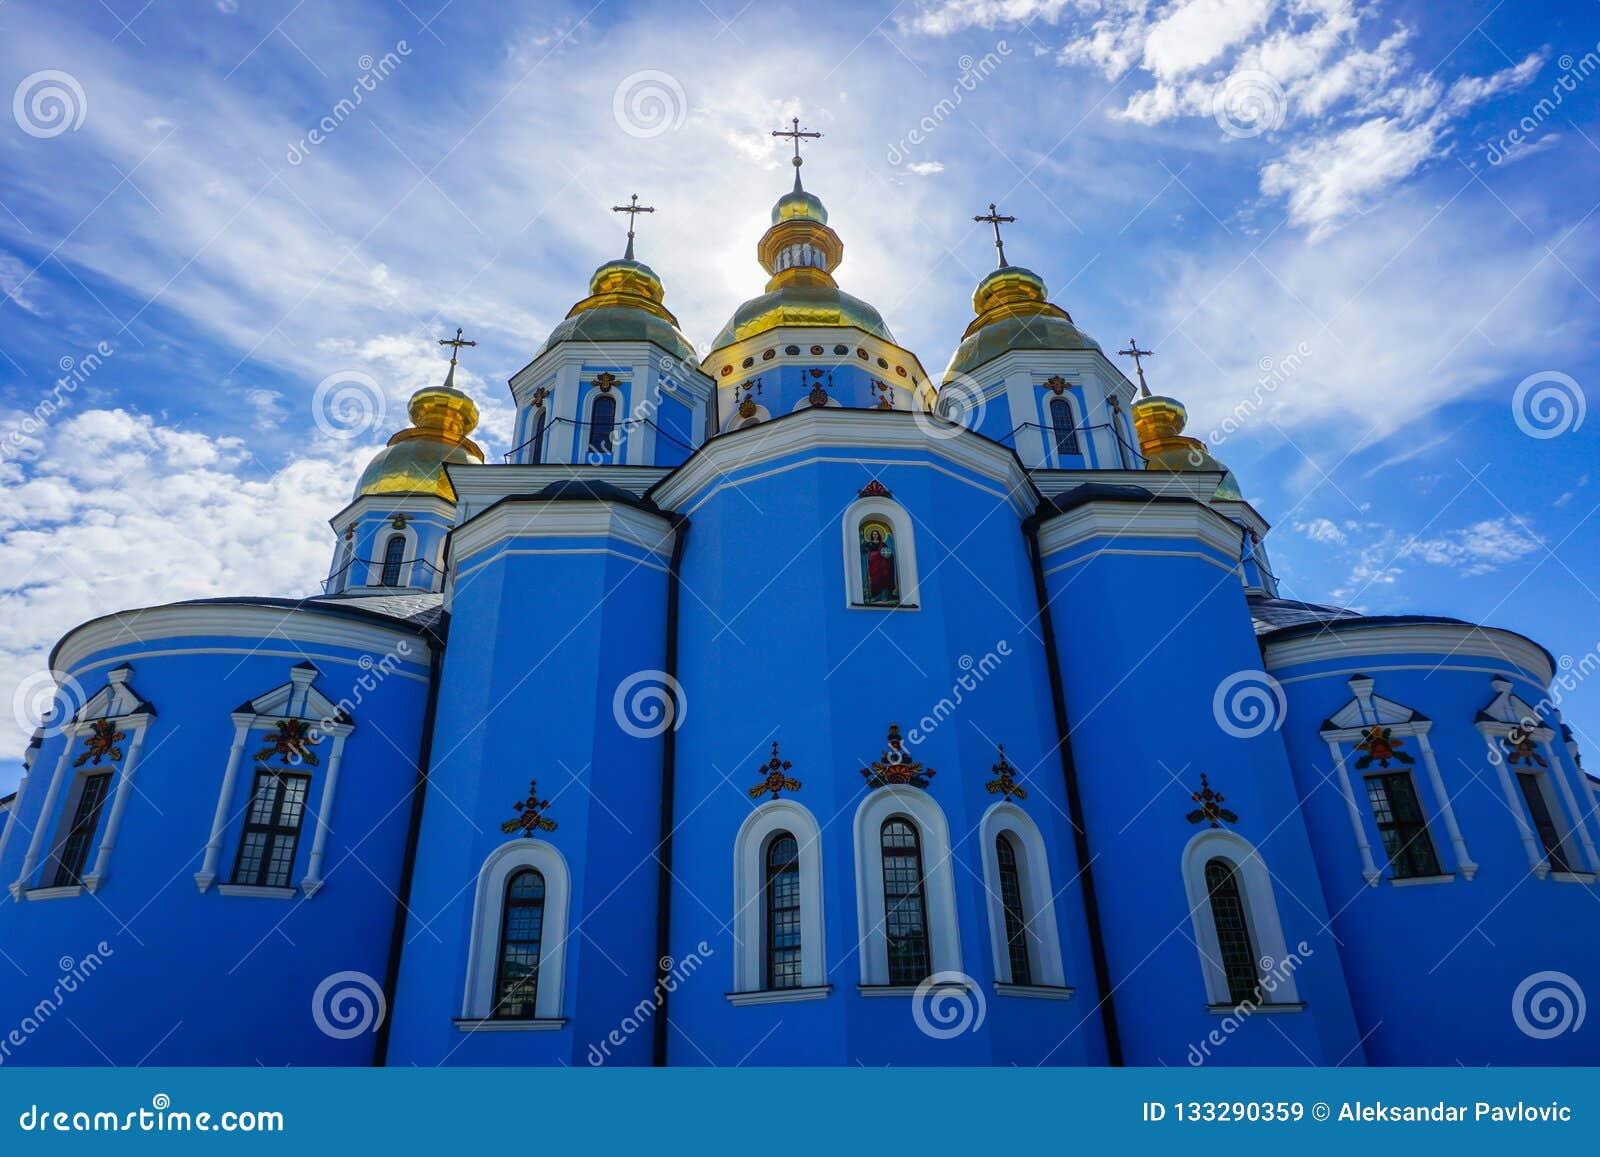 Взгляд церков монастыря Киева St Michael золотой приданный куполообразную форму задний